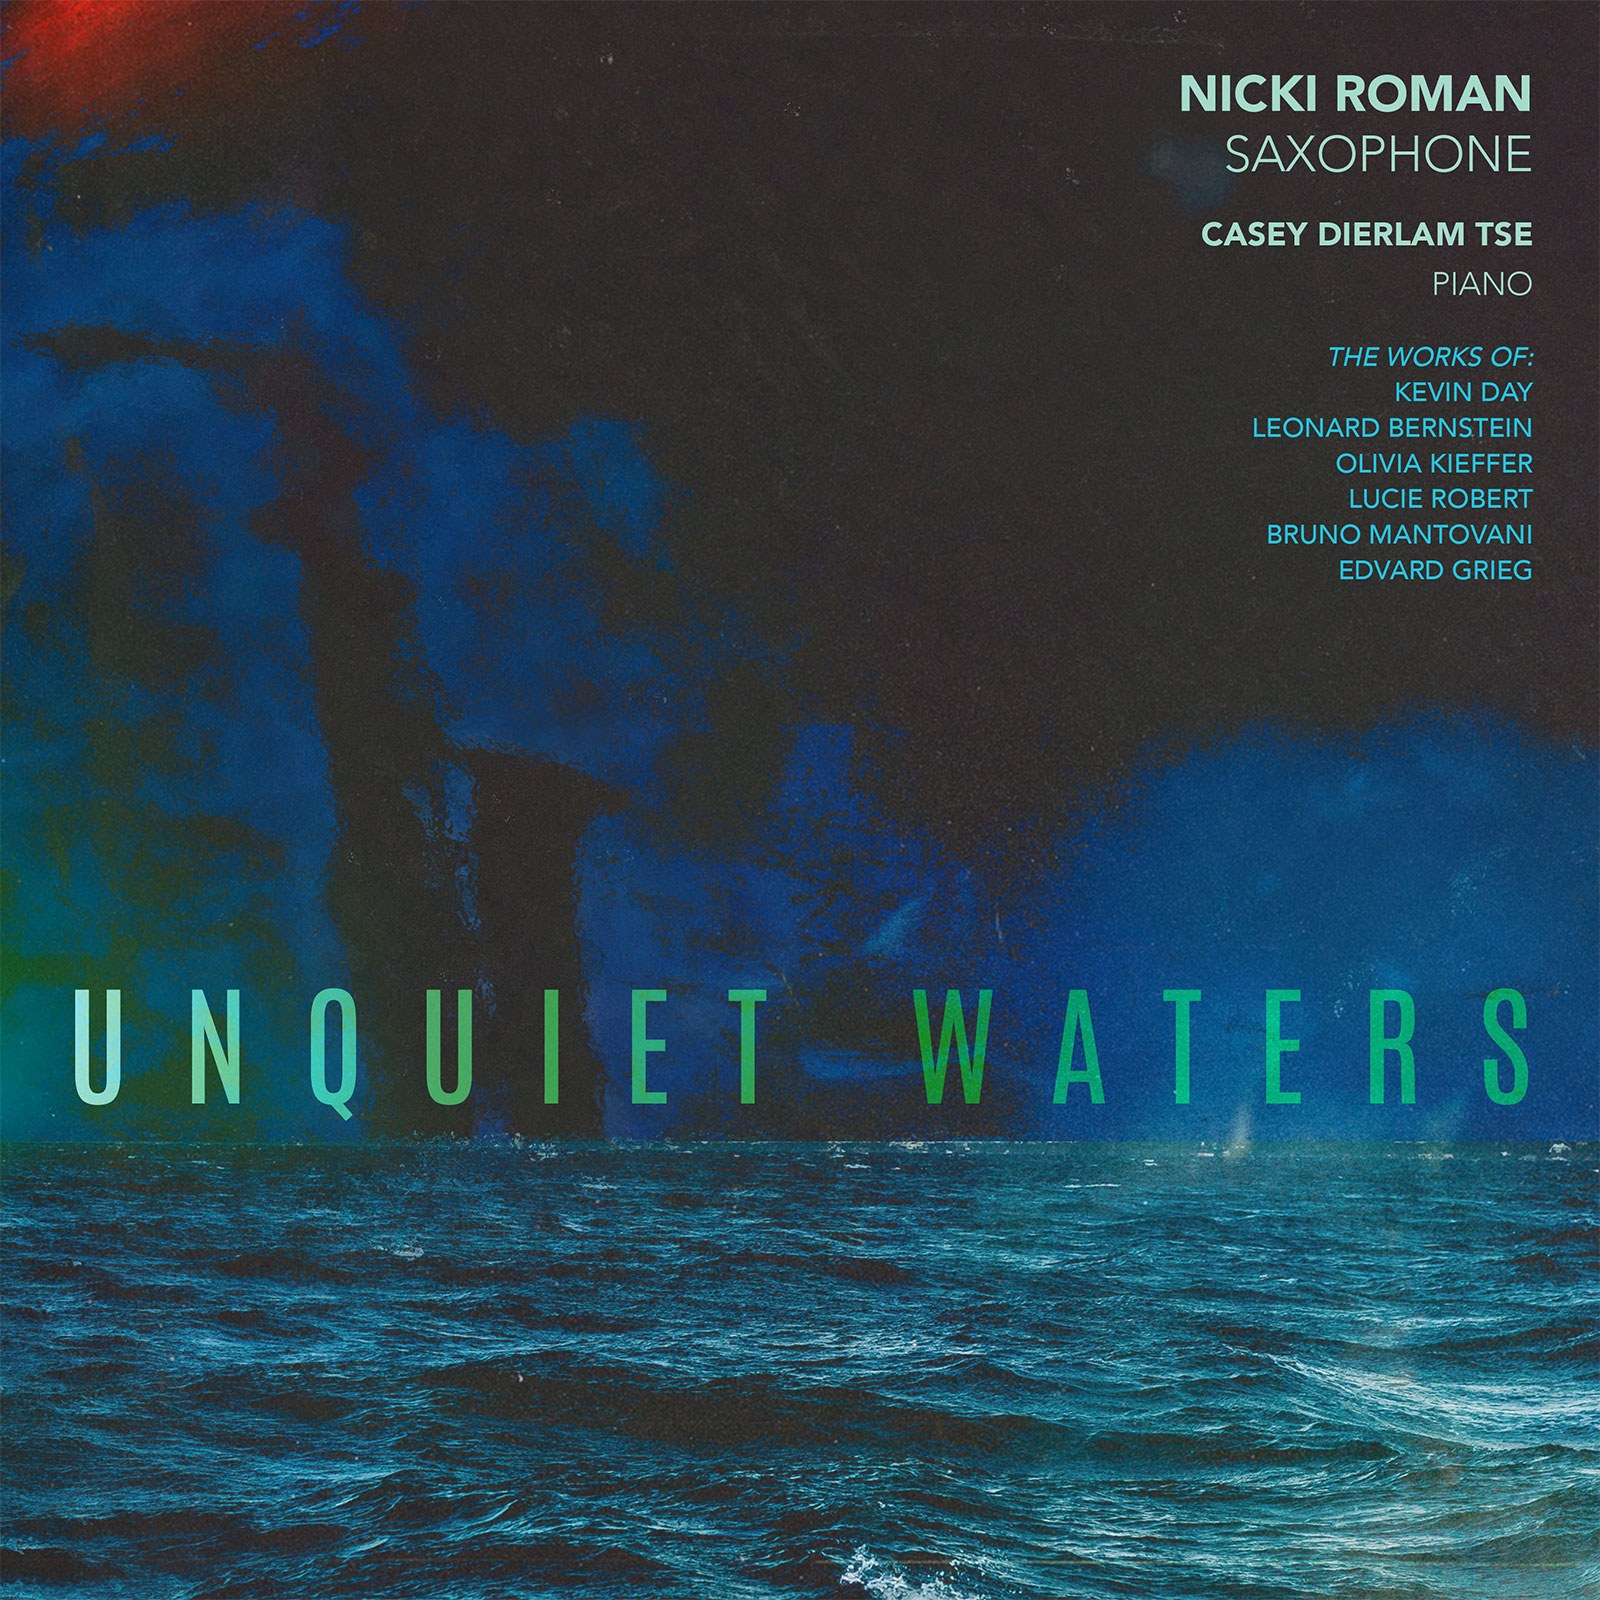 Unquiet Waters-Album Cover